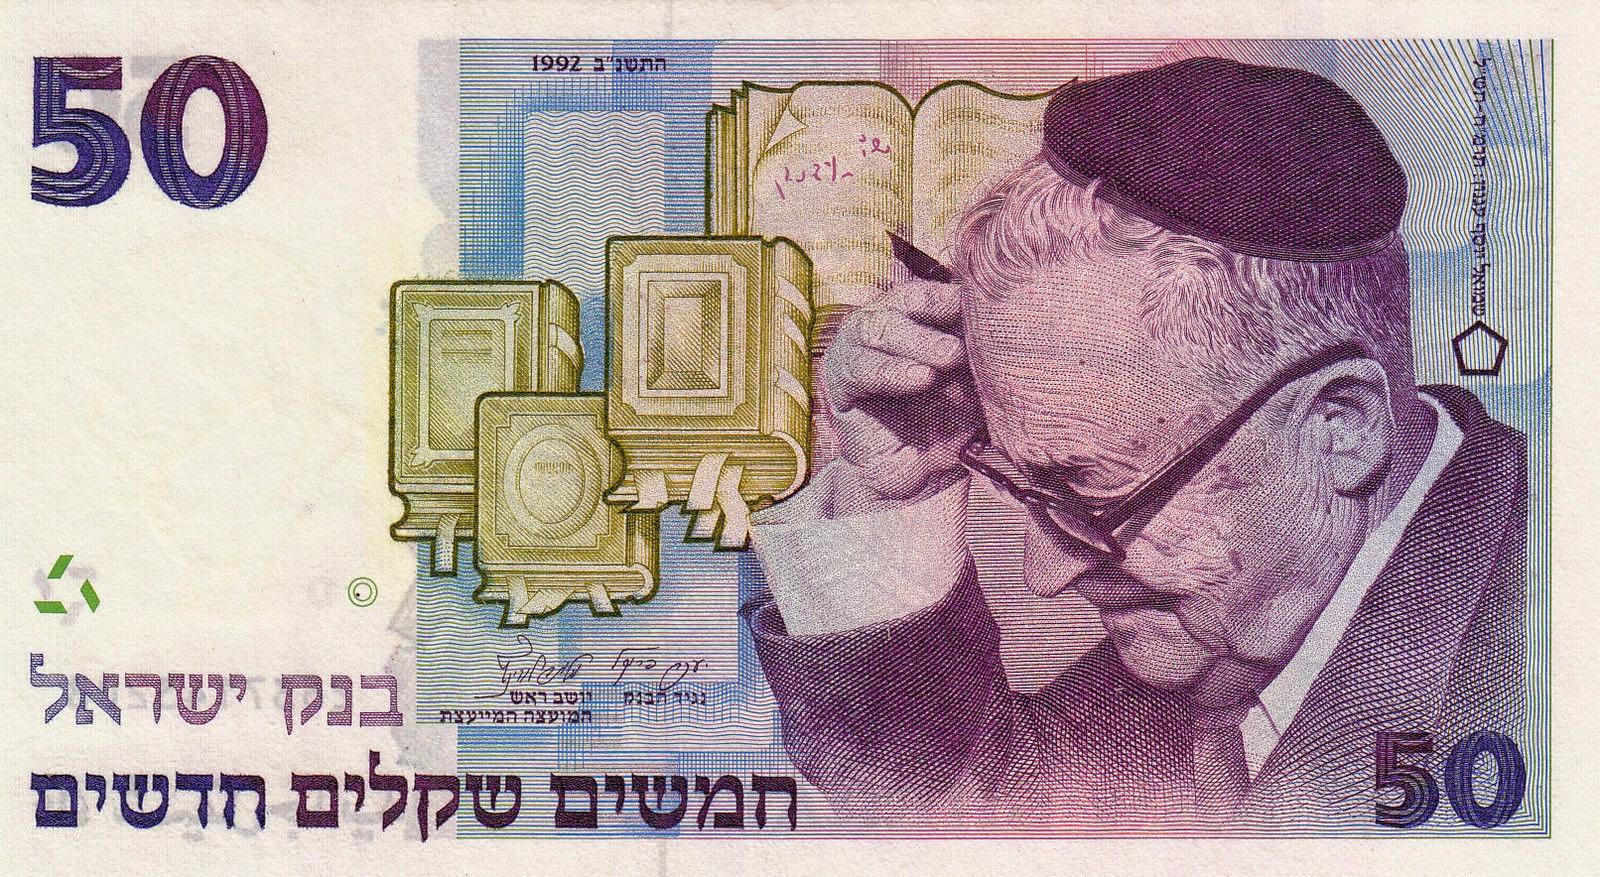 Israel banknotes 50 New Shekel note 1992